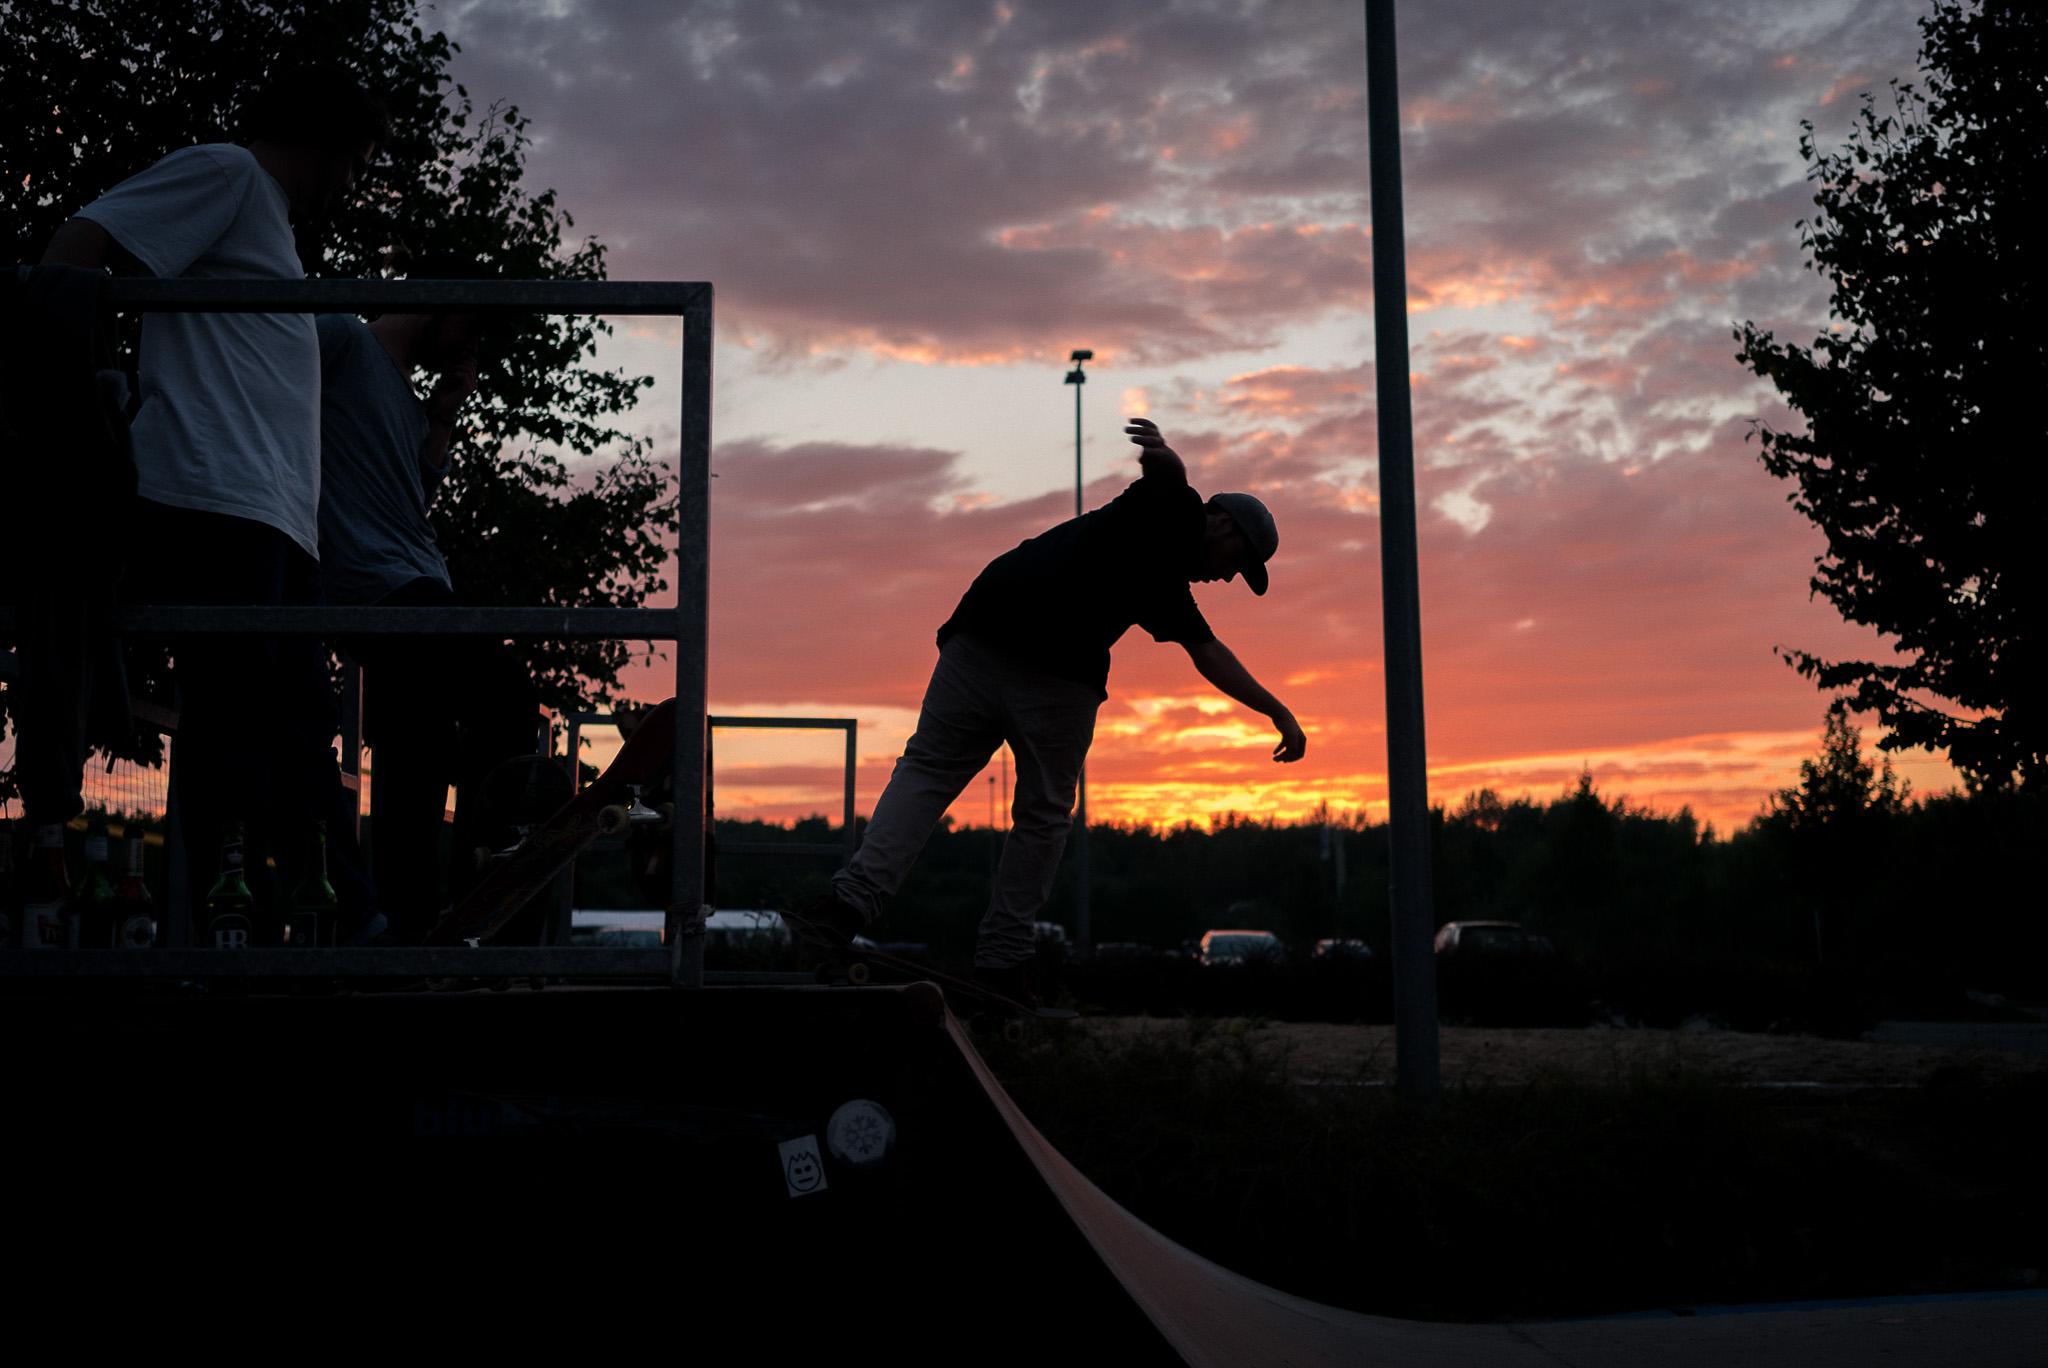 Abends bei der Sunset Skate Session mischen Kirschi und Fabi ebenfalls ganz vorne mit ...